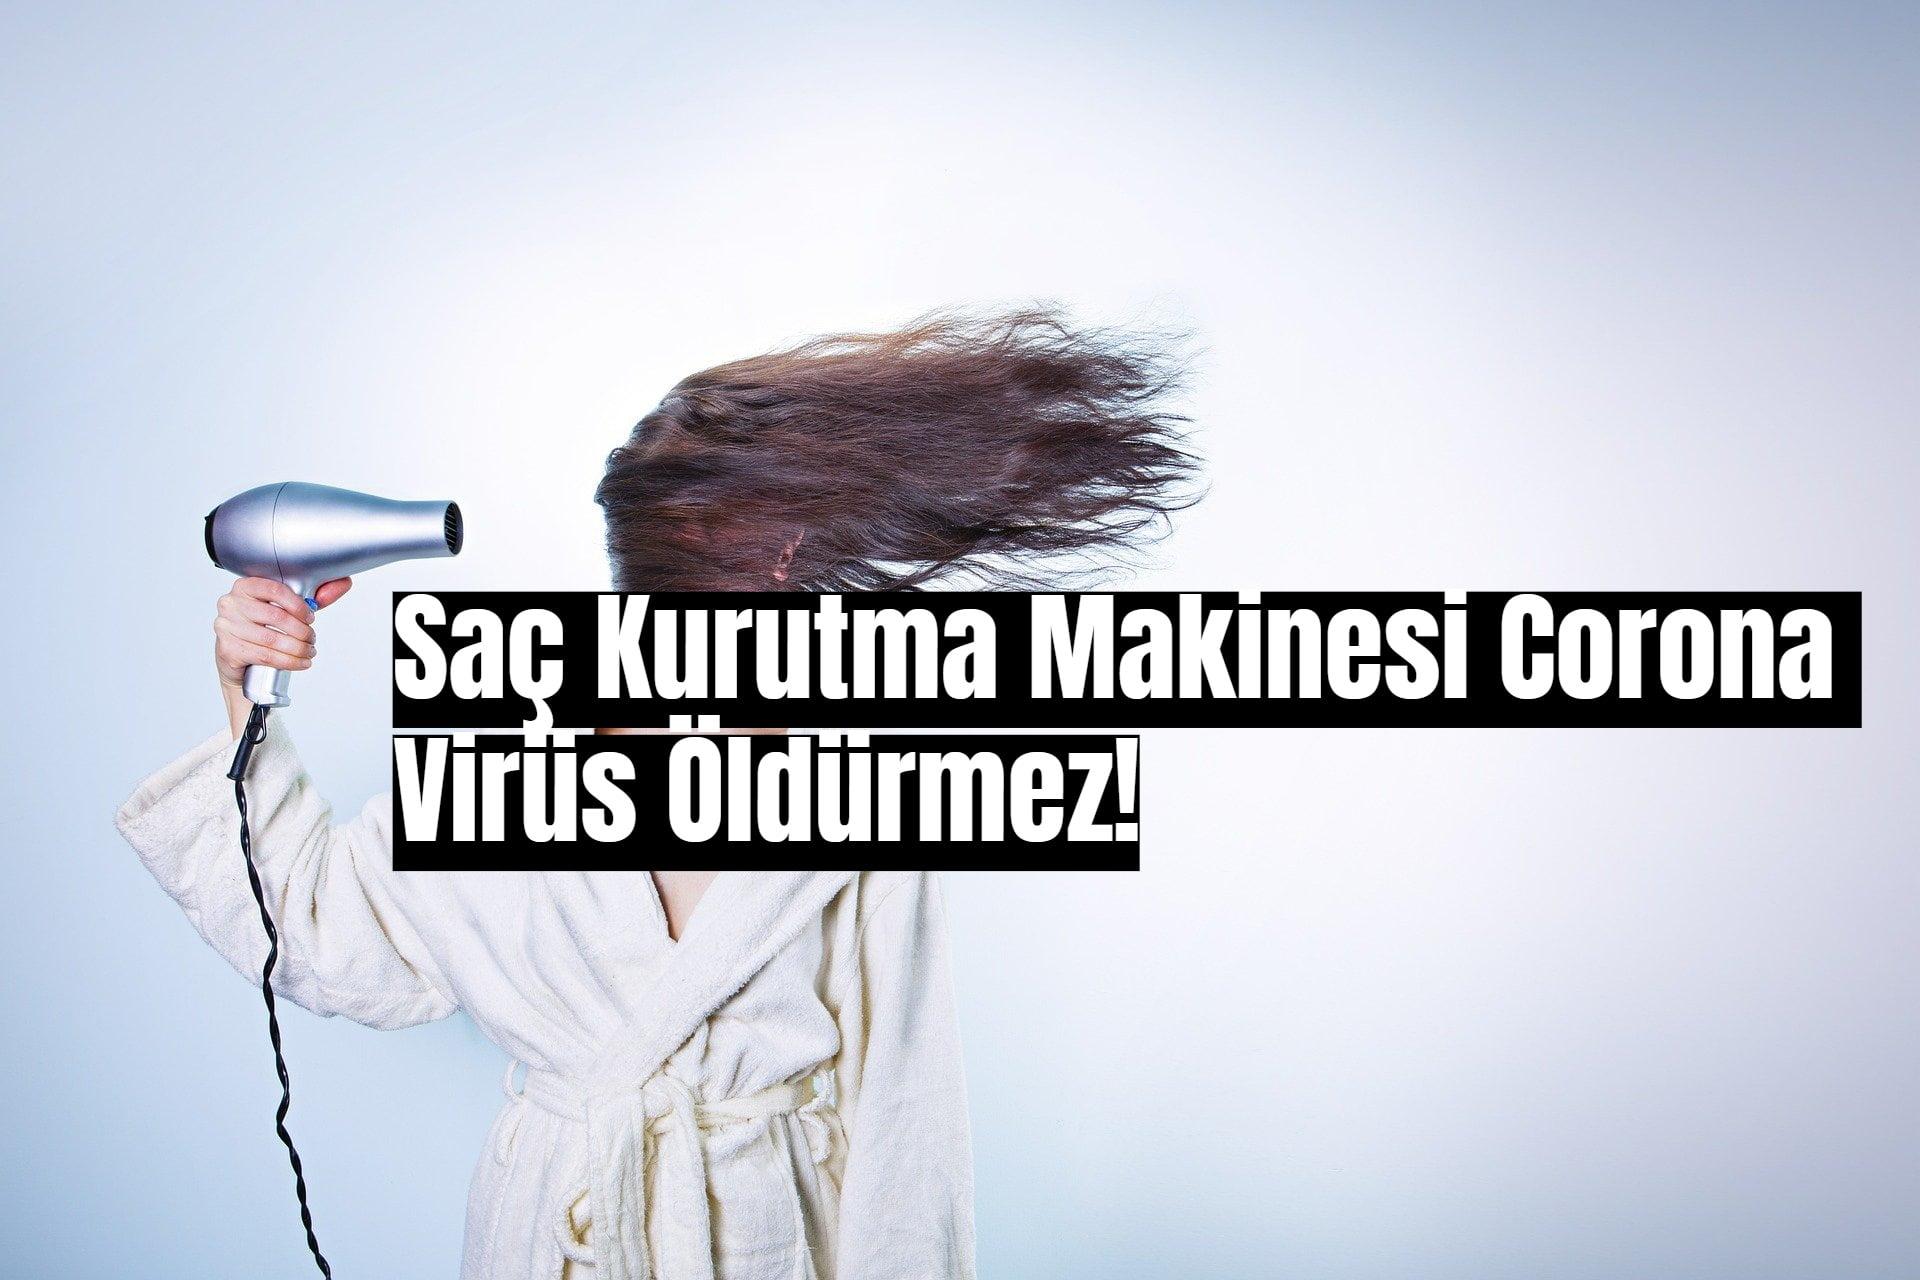 Saç Kurutma Makinesi Corona Virüsü Öldürmez! Hurafelerden Uzak Duralım